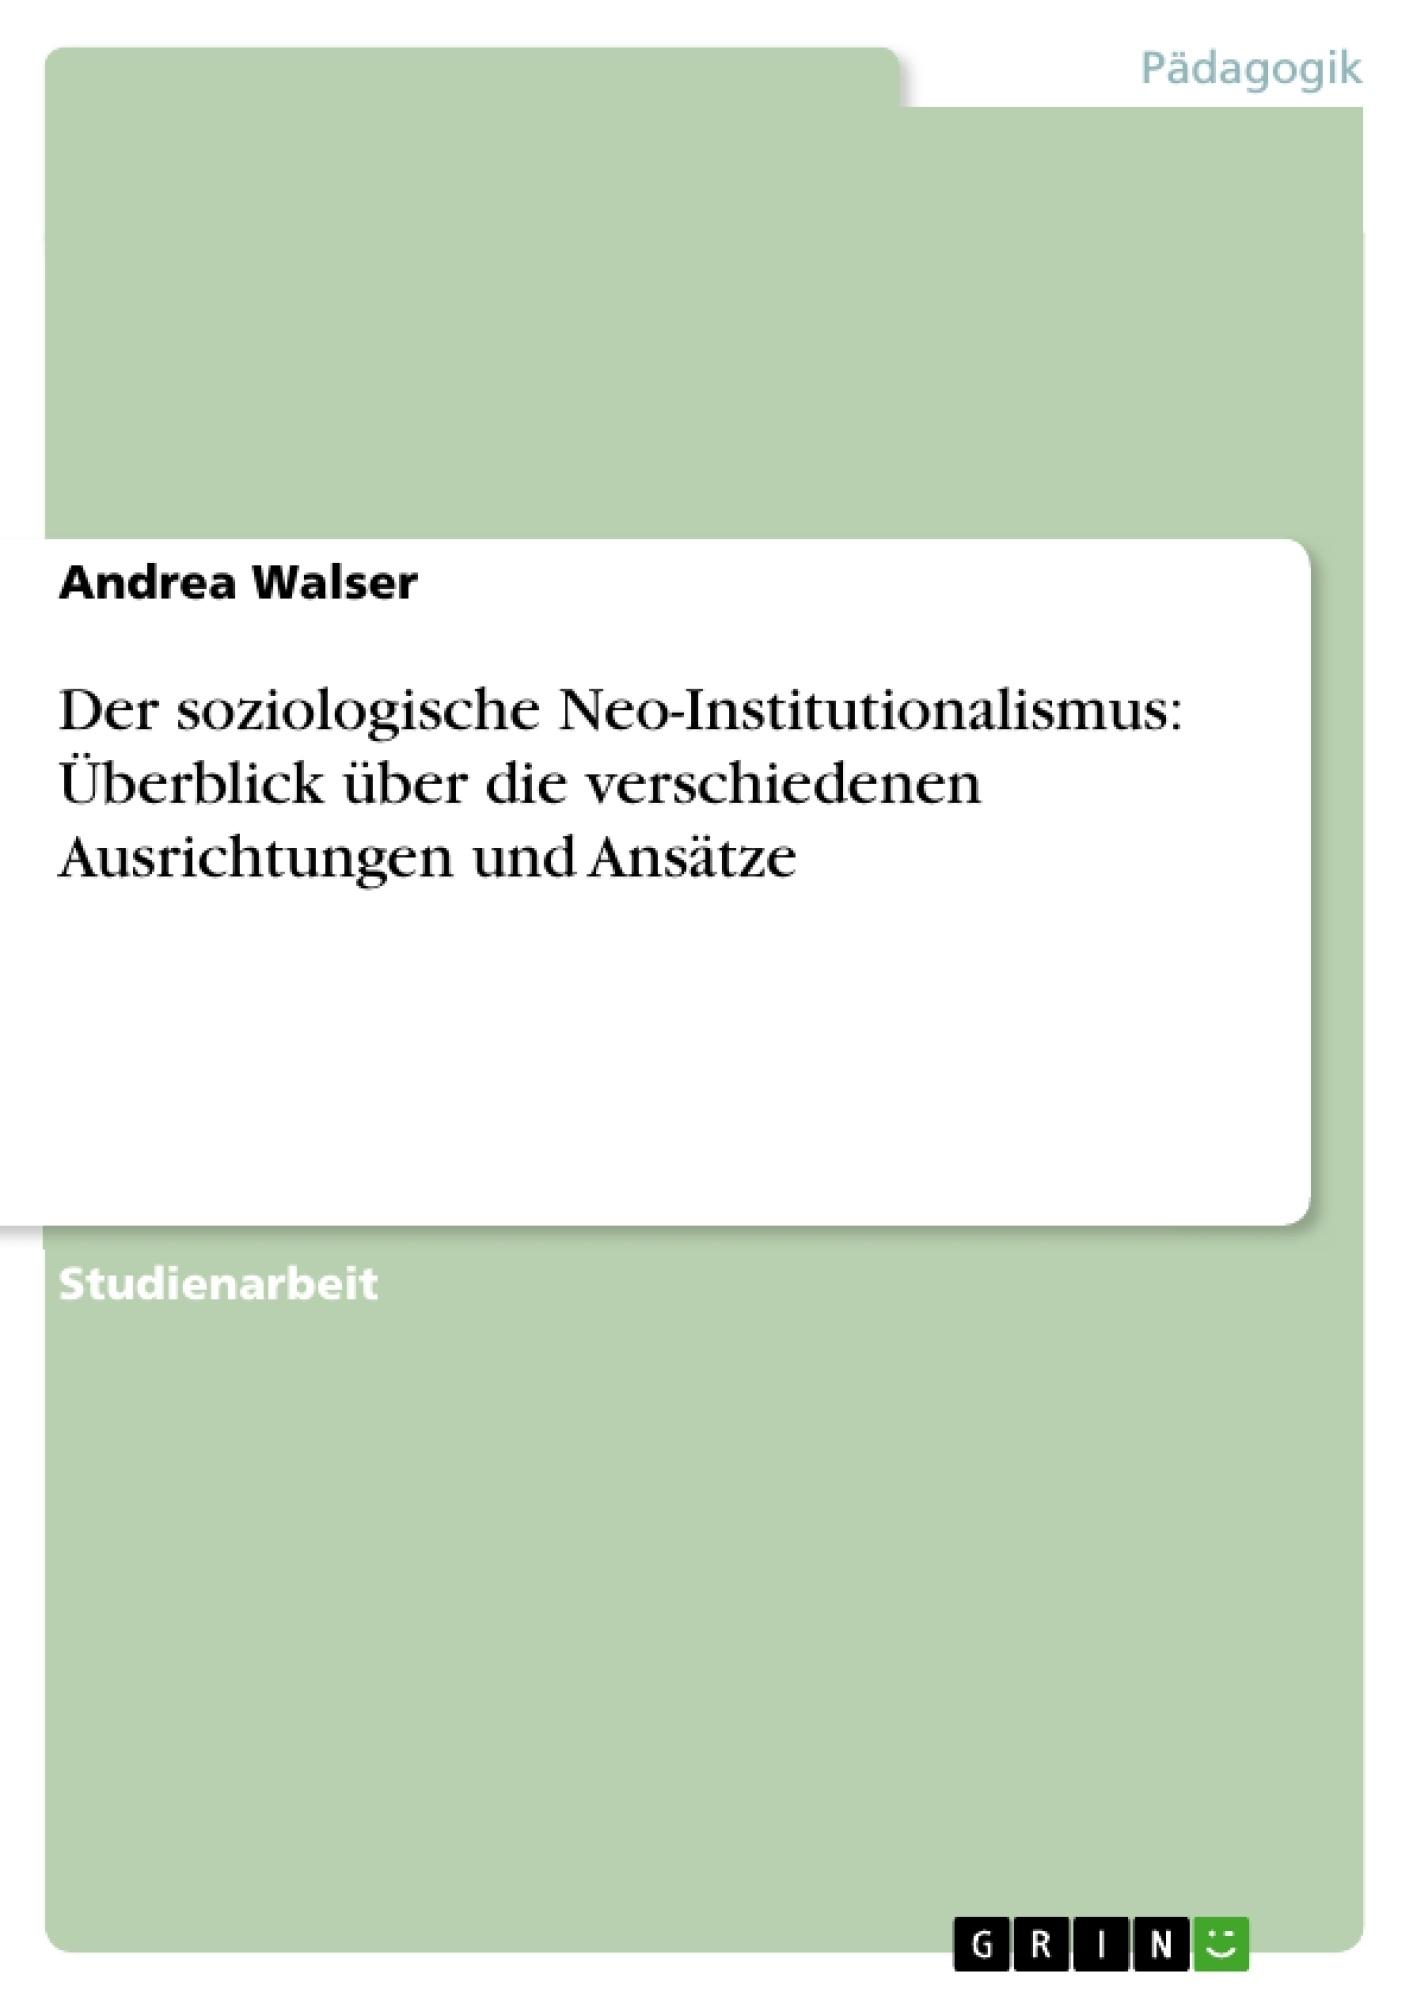 Titel: Der soziologische Neo-Institutionalismus: Überblick über die verschiedenen Ausrichtungen und Ansätze